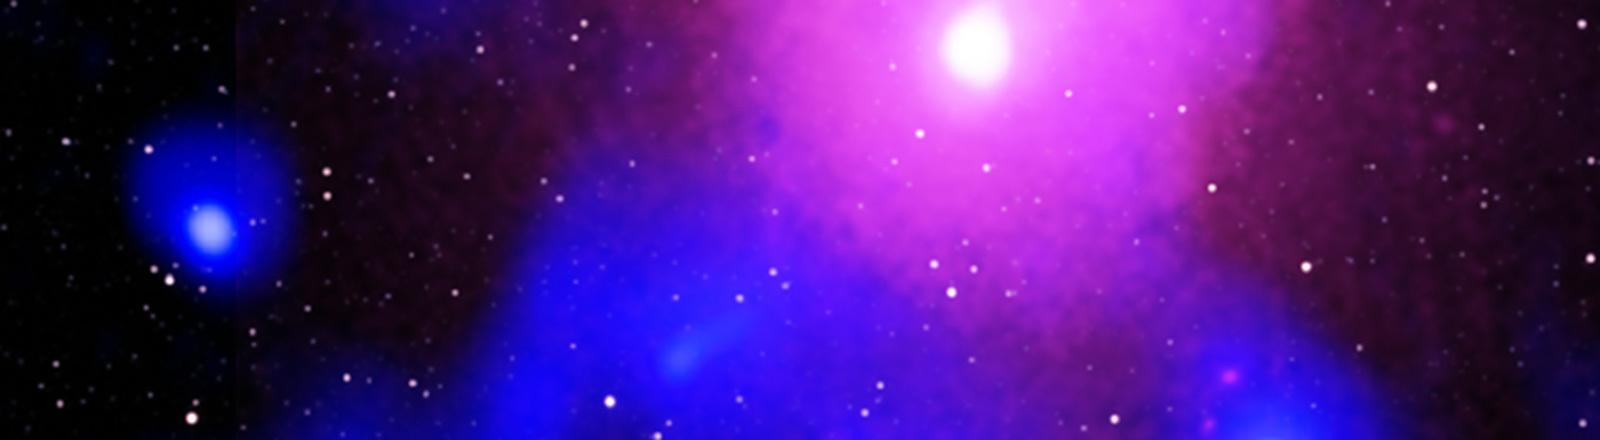 Ophiuchus Galaxie grafisch dargestellt